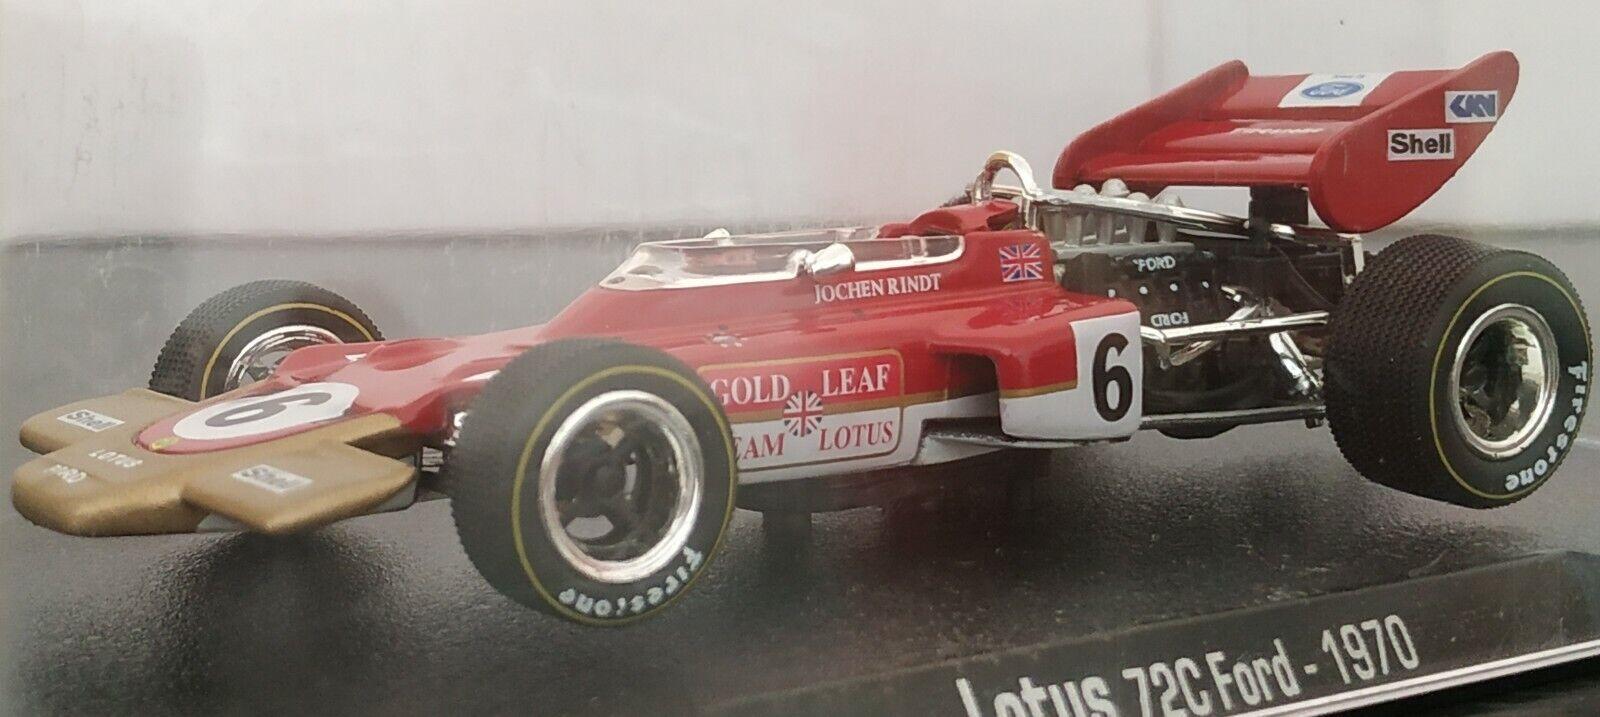 1 43 LOTUS 72C FORD 1970 Jochen Rindt F1 FORMULA 1 COCHE DE METAL A ESCALA